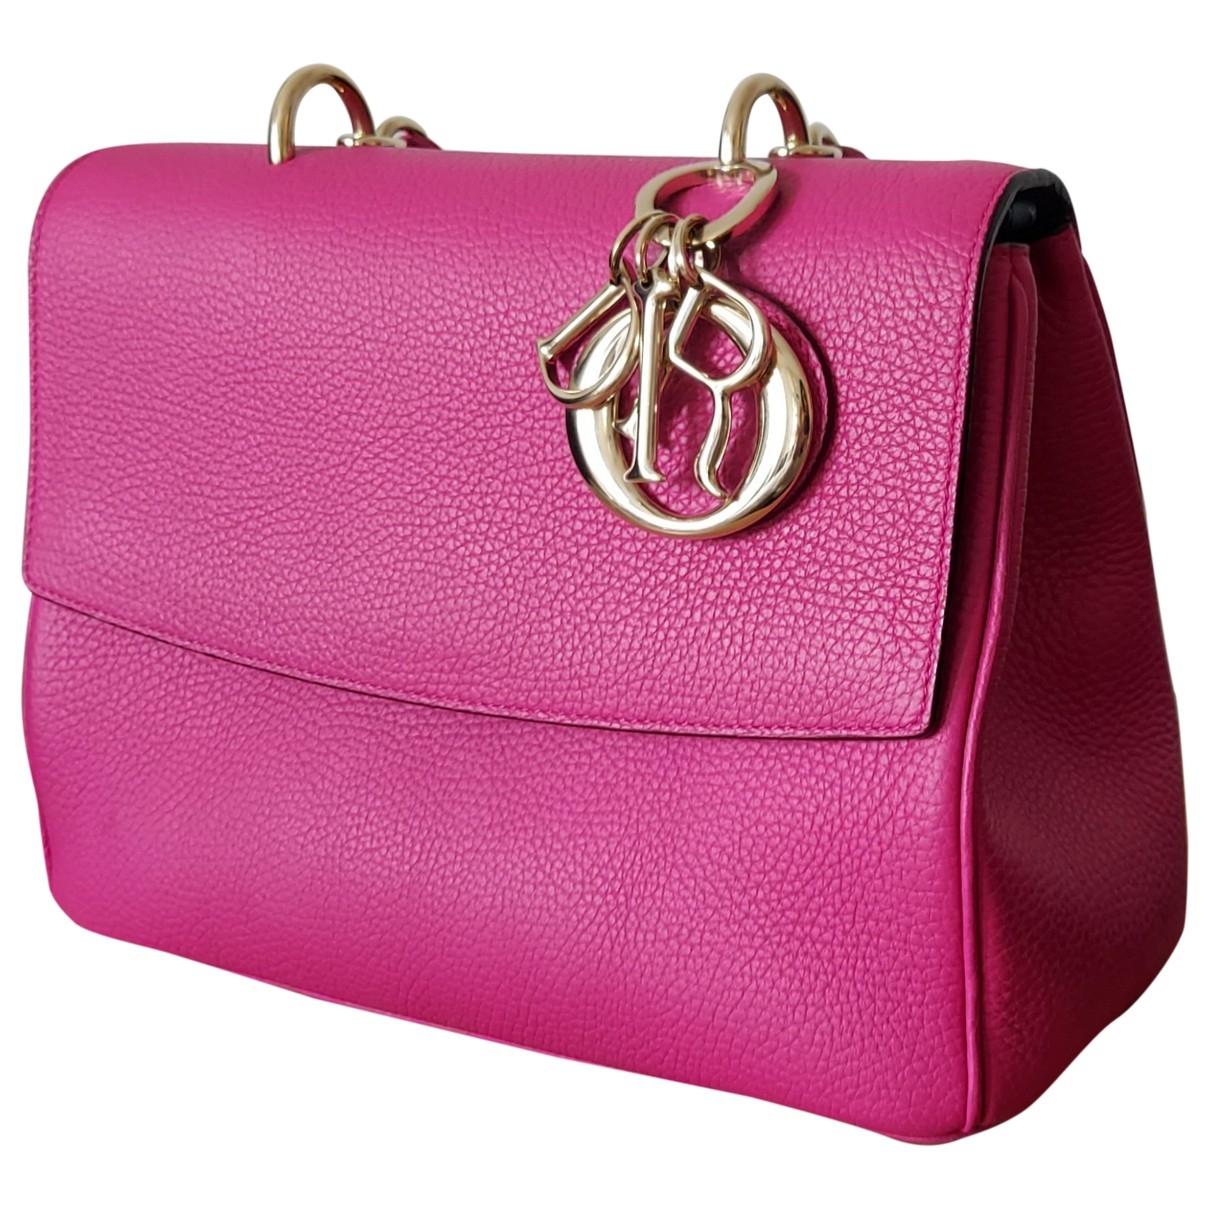 Dior - Sac a main Be Dior pour femme en cuir - rose